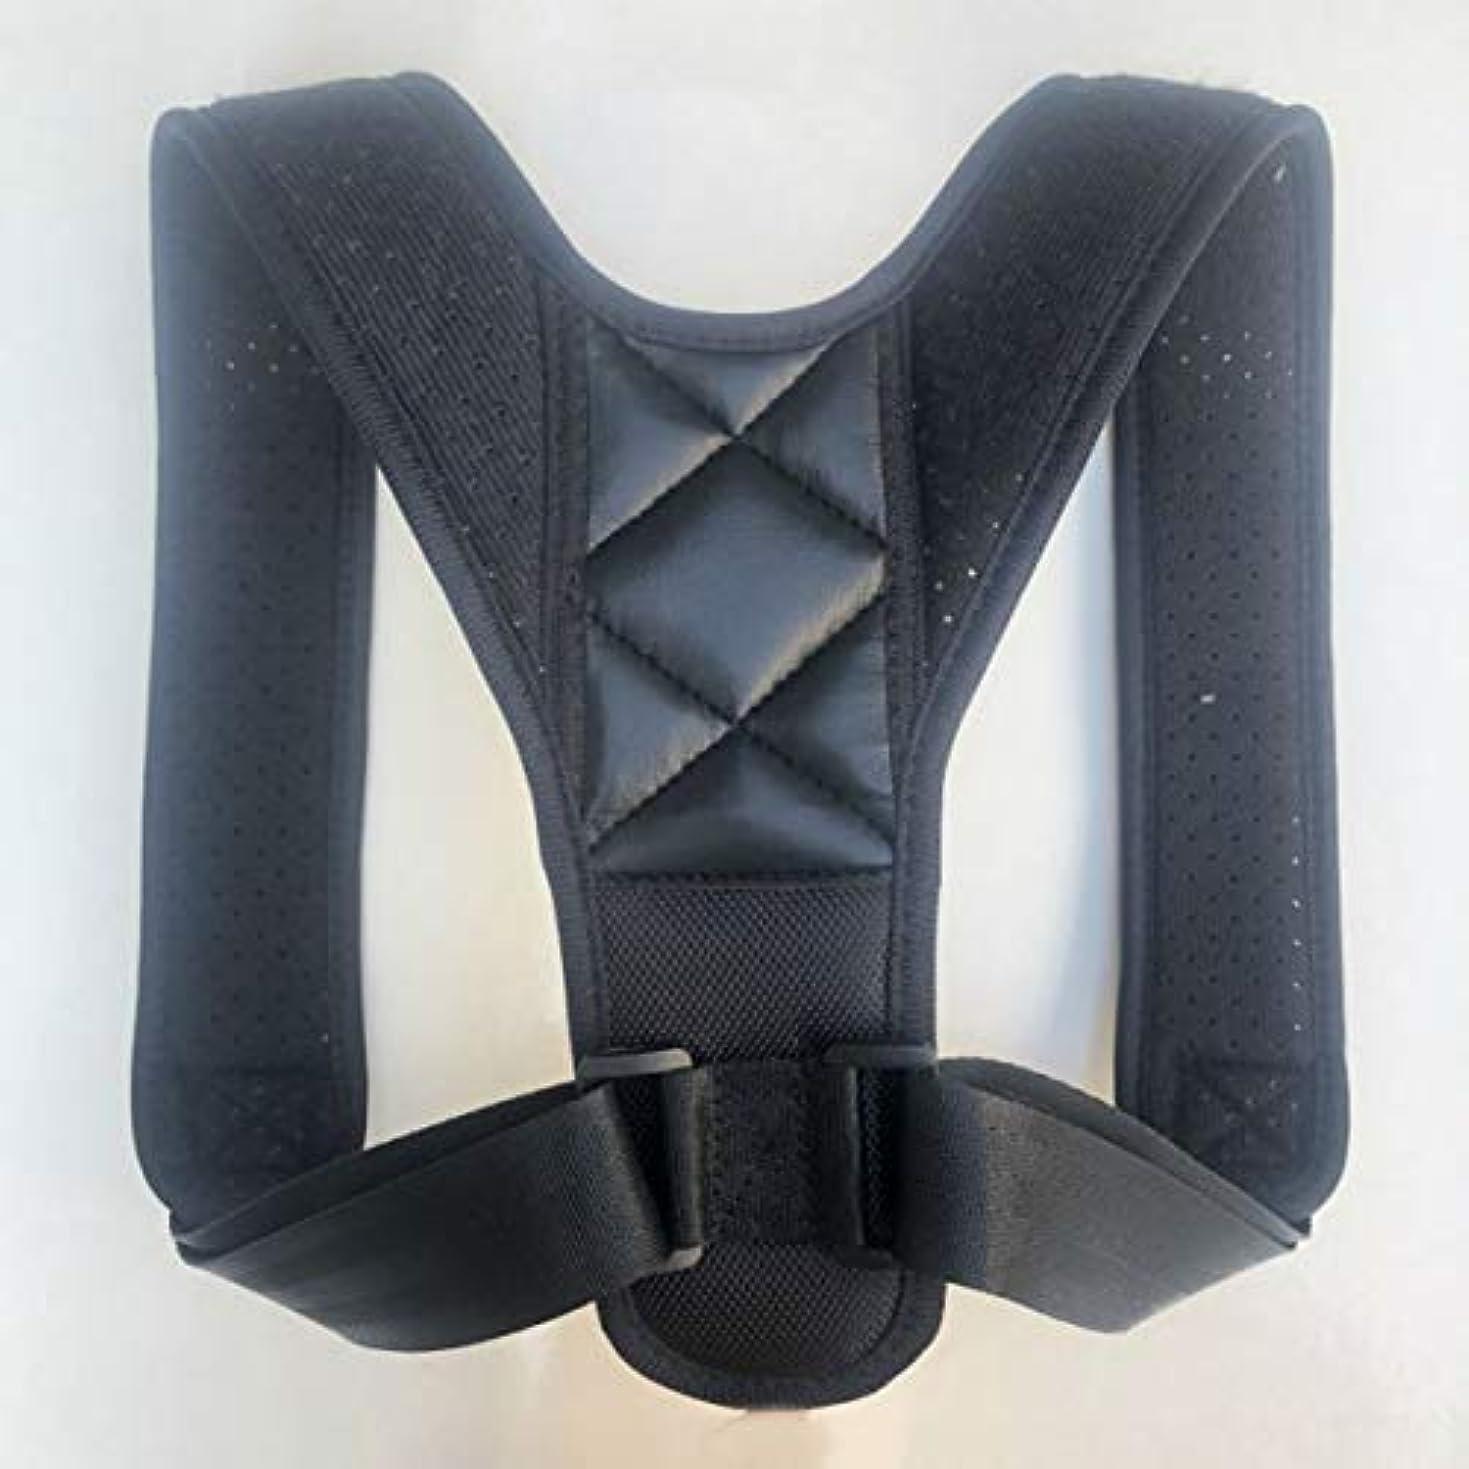 ハーブ筋港アッパーバックポスチャーコレクター姿勢鎖骨サポートコレクターバックストレートショルダーブレースストラップコレクター - ブラック